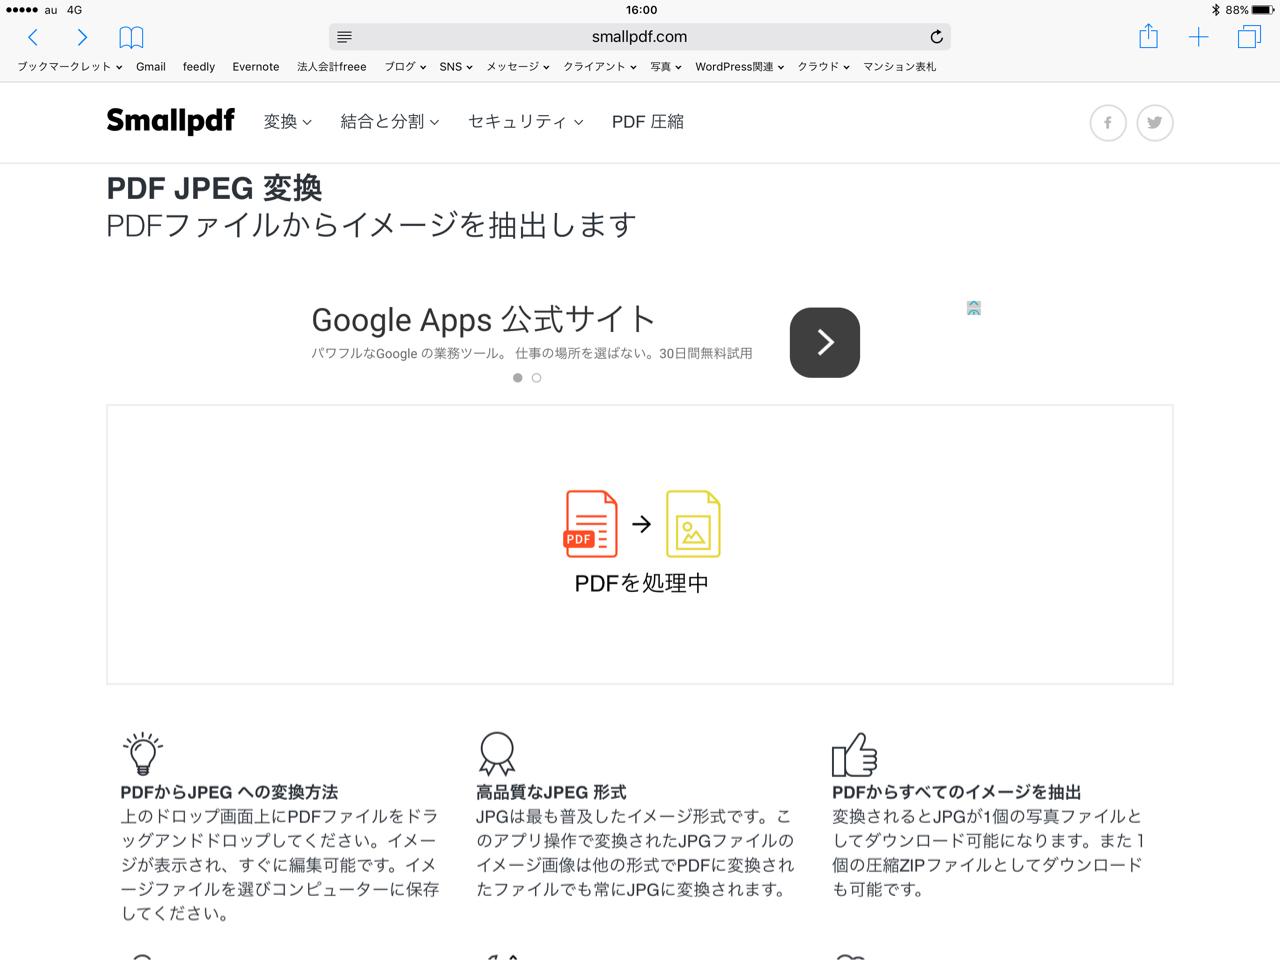 PDFをJPEGに変換中